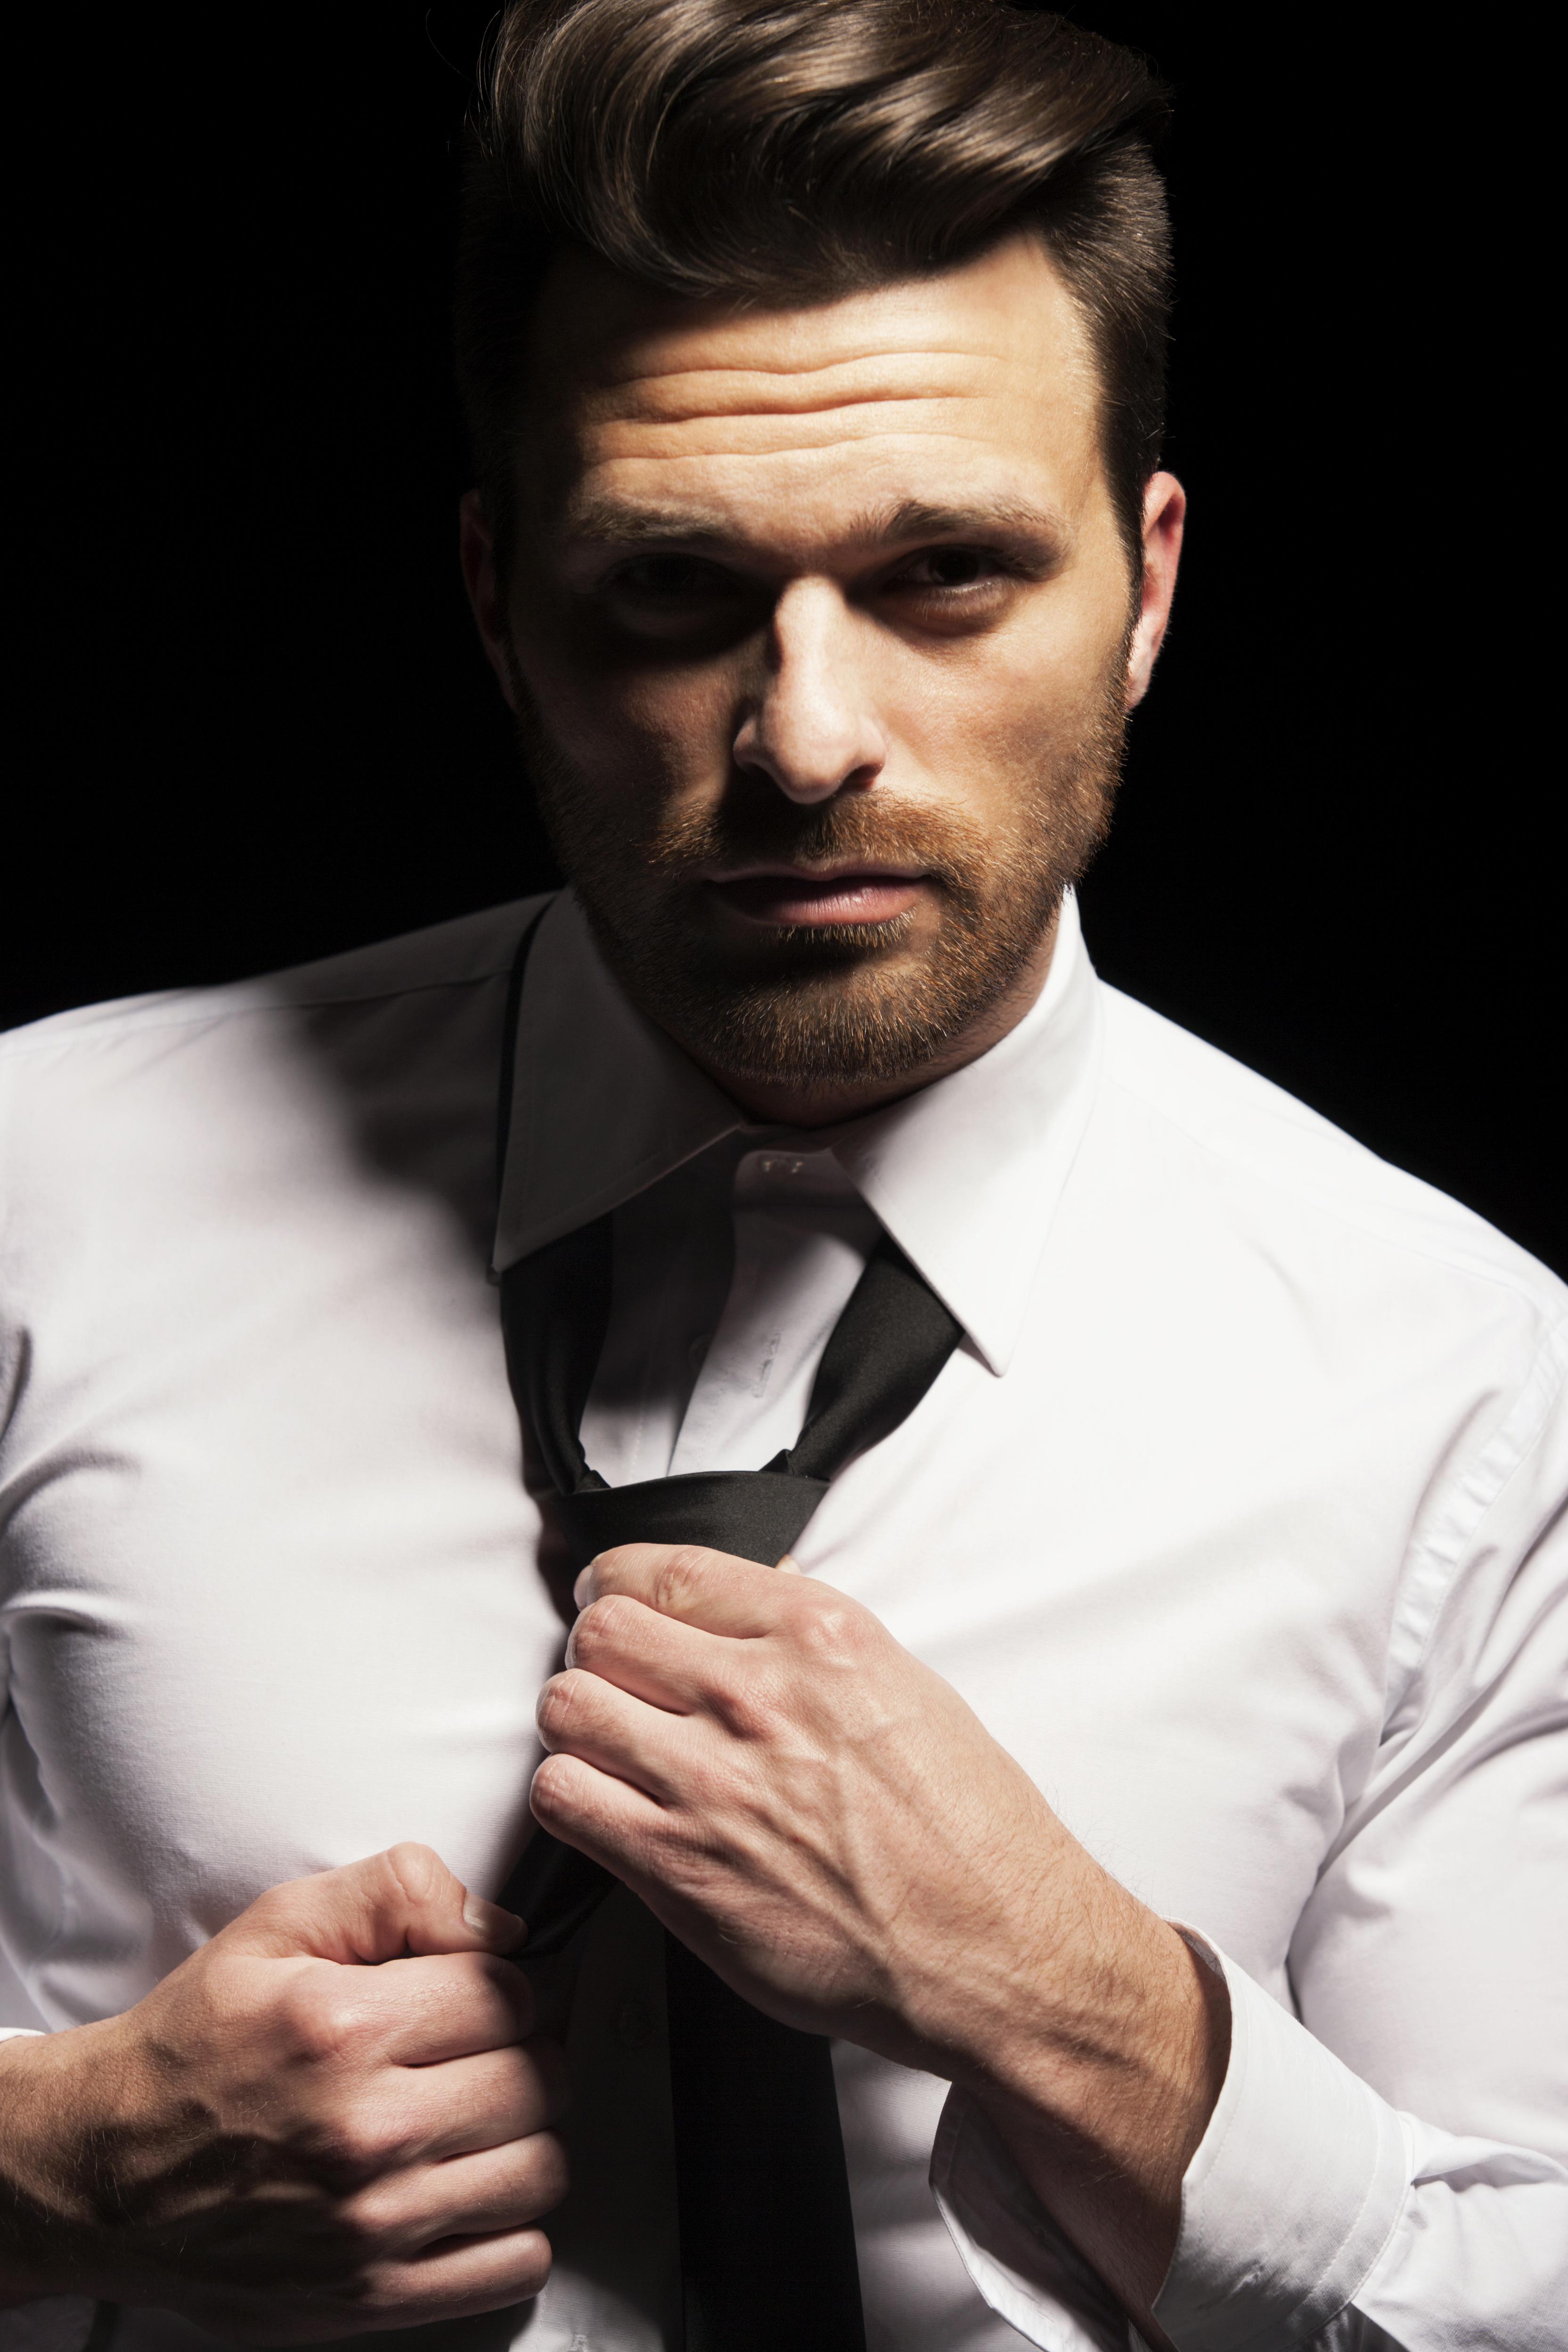 Koszula – kiedy ubrać białą, a kiedy brązową?